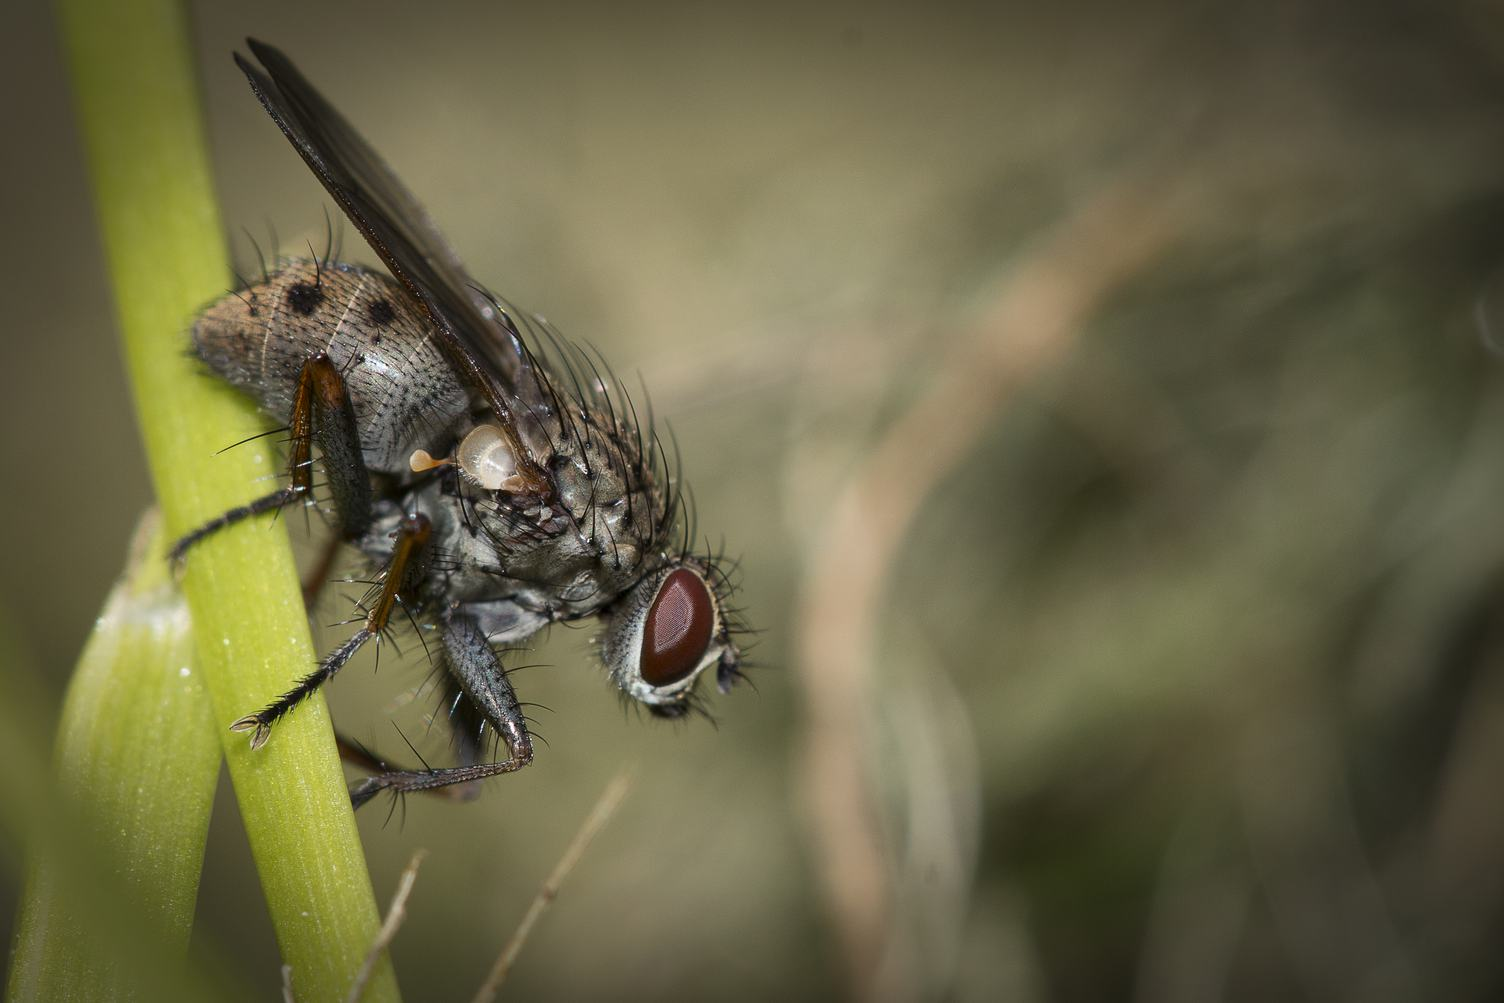 Closeup ofFly on Grass Blade